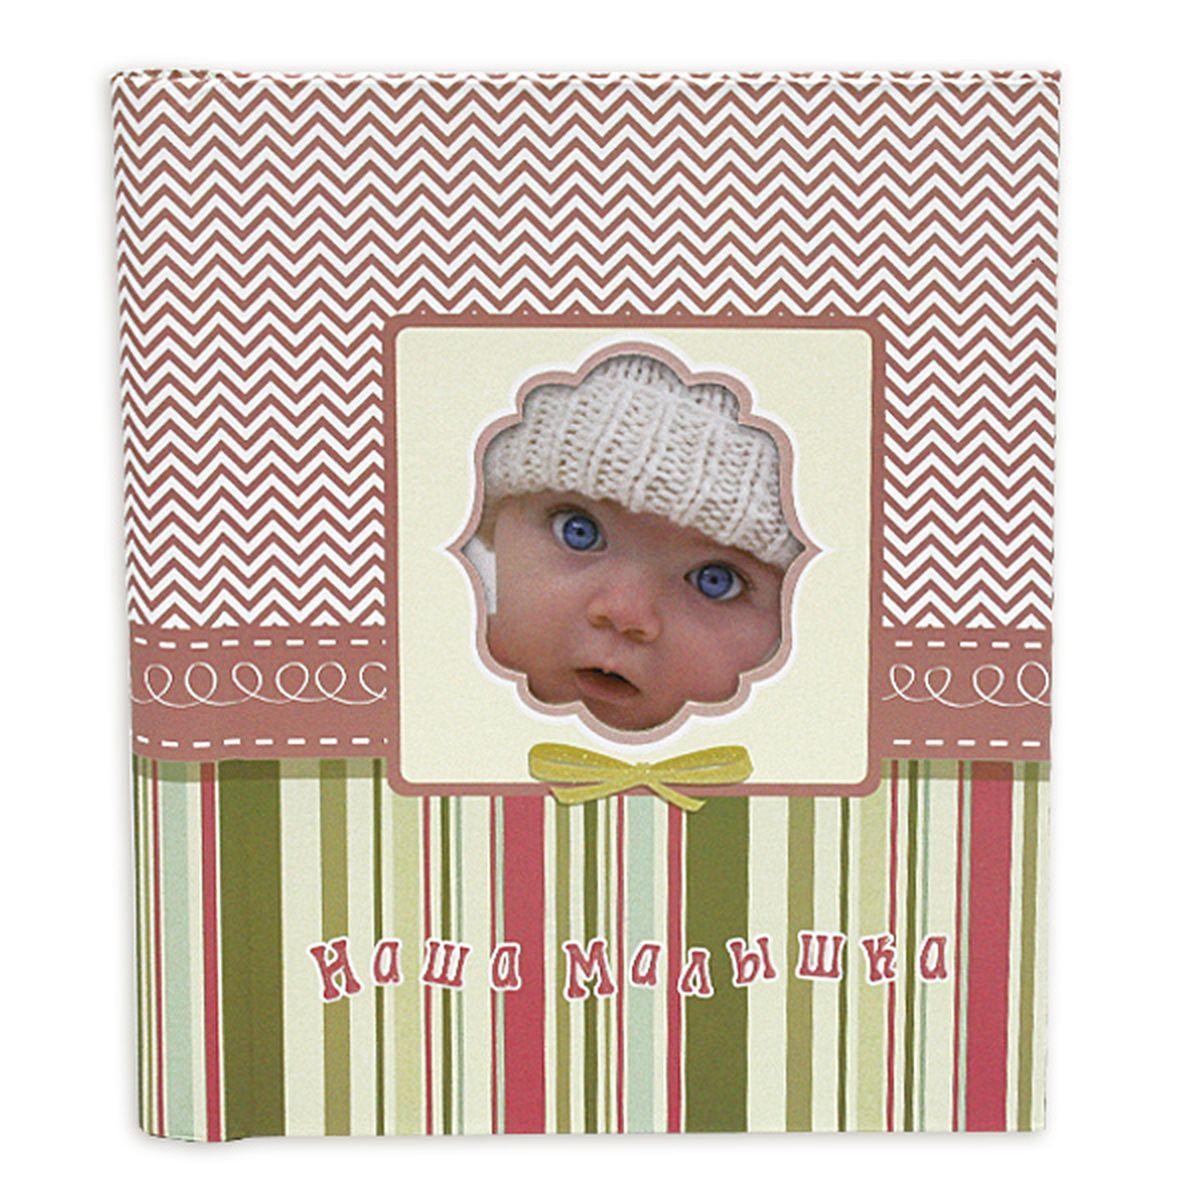 Фотокнига Pioneer Our Baby 8, 20 магнитных листов, 23 x 28 см. 46422 FAТР 5143Фотокнига Pioneer Our Baby 8 позволит вам запечатлеть моменты жизни вашего ребенка. Изделие выполнено из картона и плотной бумаги,может быть использована для создания памятного альбома в технике скрапбукинг. В книге находится 20 страниц-анкет для заполнения и рамкадля фото. Всего внутри может быть расположено 20 фото.Тип скрепления: спираль Формат фотографий: 23 х 28 см Материал страниц: бумага Тип страниц: магнитный